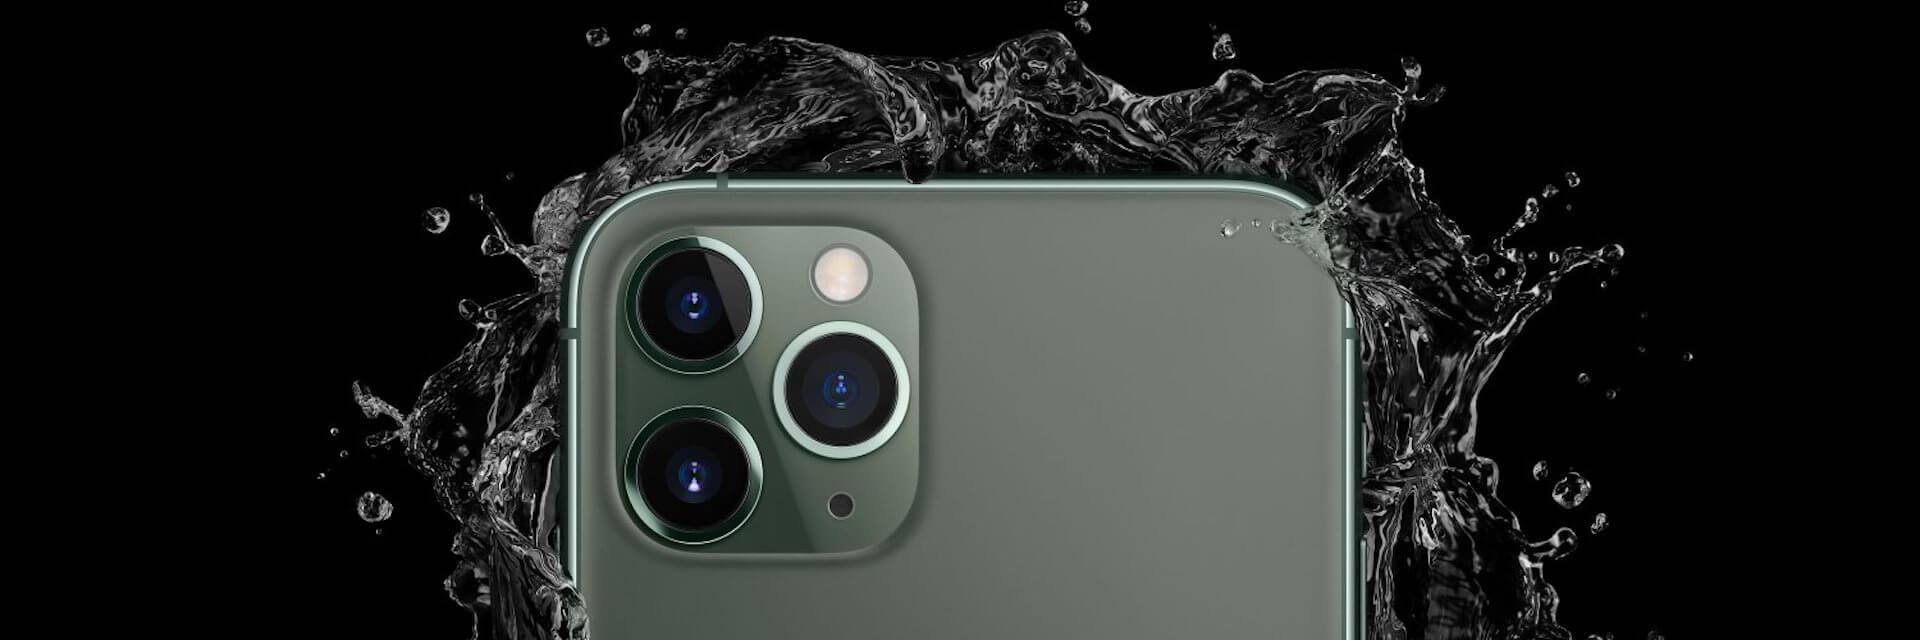 新型iPad Pro、iPhone 11 Proシリーズ同様トリプルカメラ搭載か?モックアップ画像が話題 tech190918_ipadpro_triplecamera_3